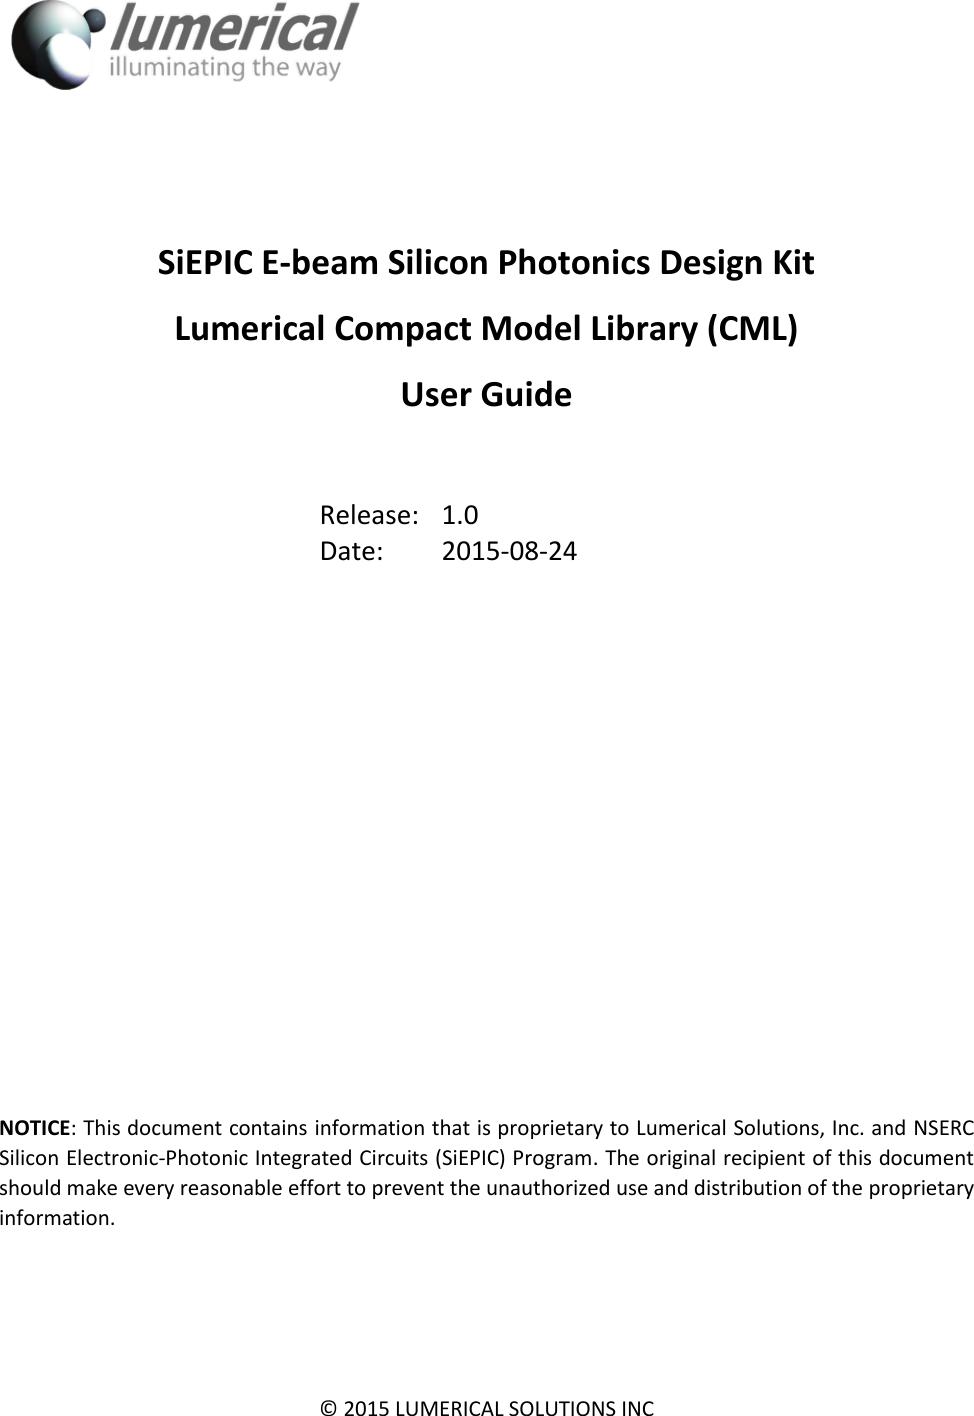 Ebeam Lumerical CML User Guide 2015 08 24